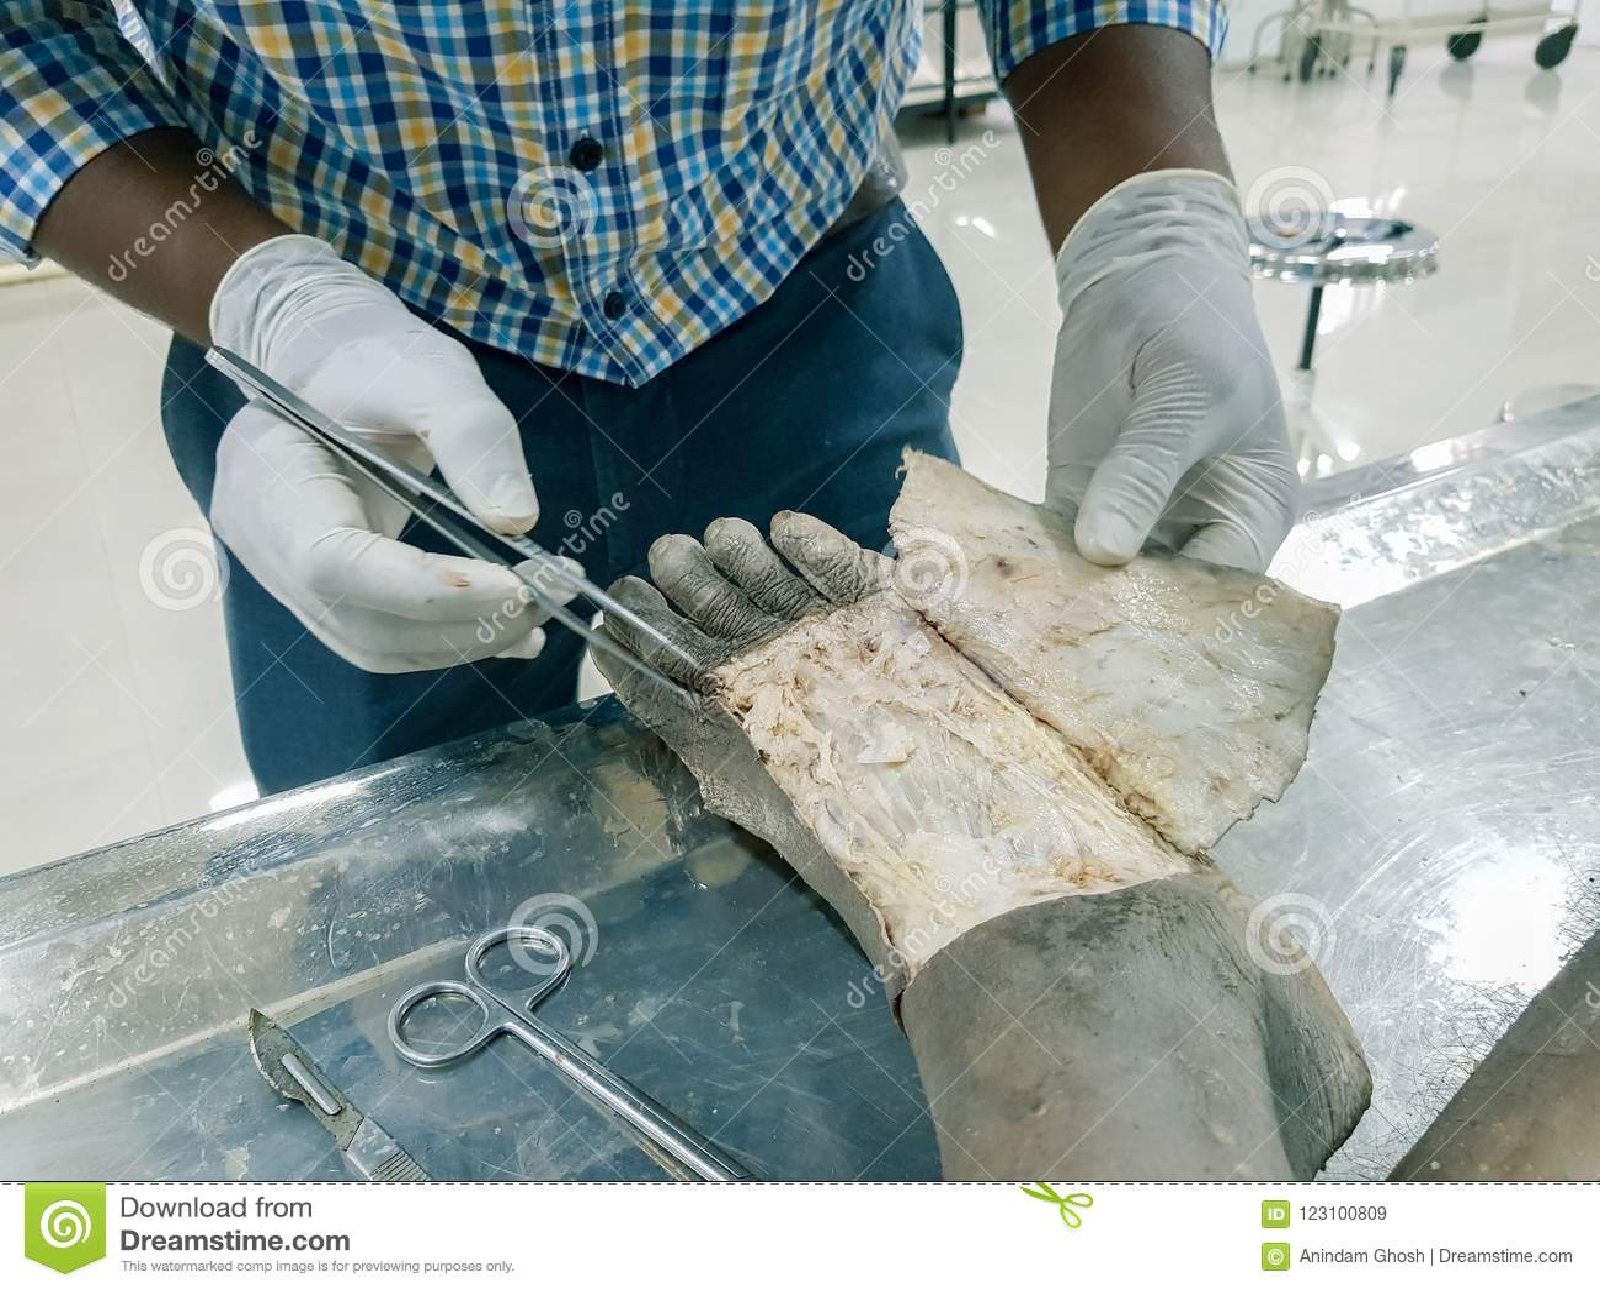 Взрезывание анатомии кадавра показывая dorsum ноги используя щиток кожи вырезывания ножниц и пинцета скальпеля показывая важный s